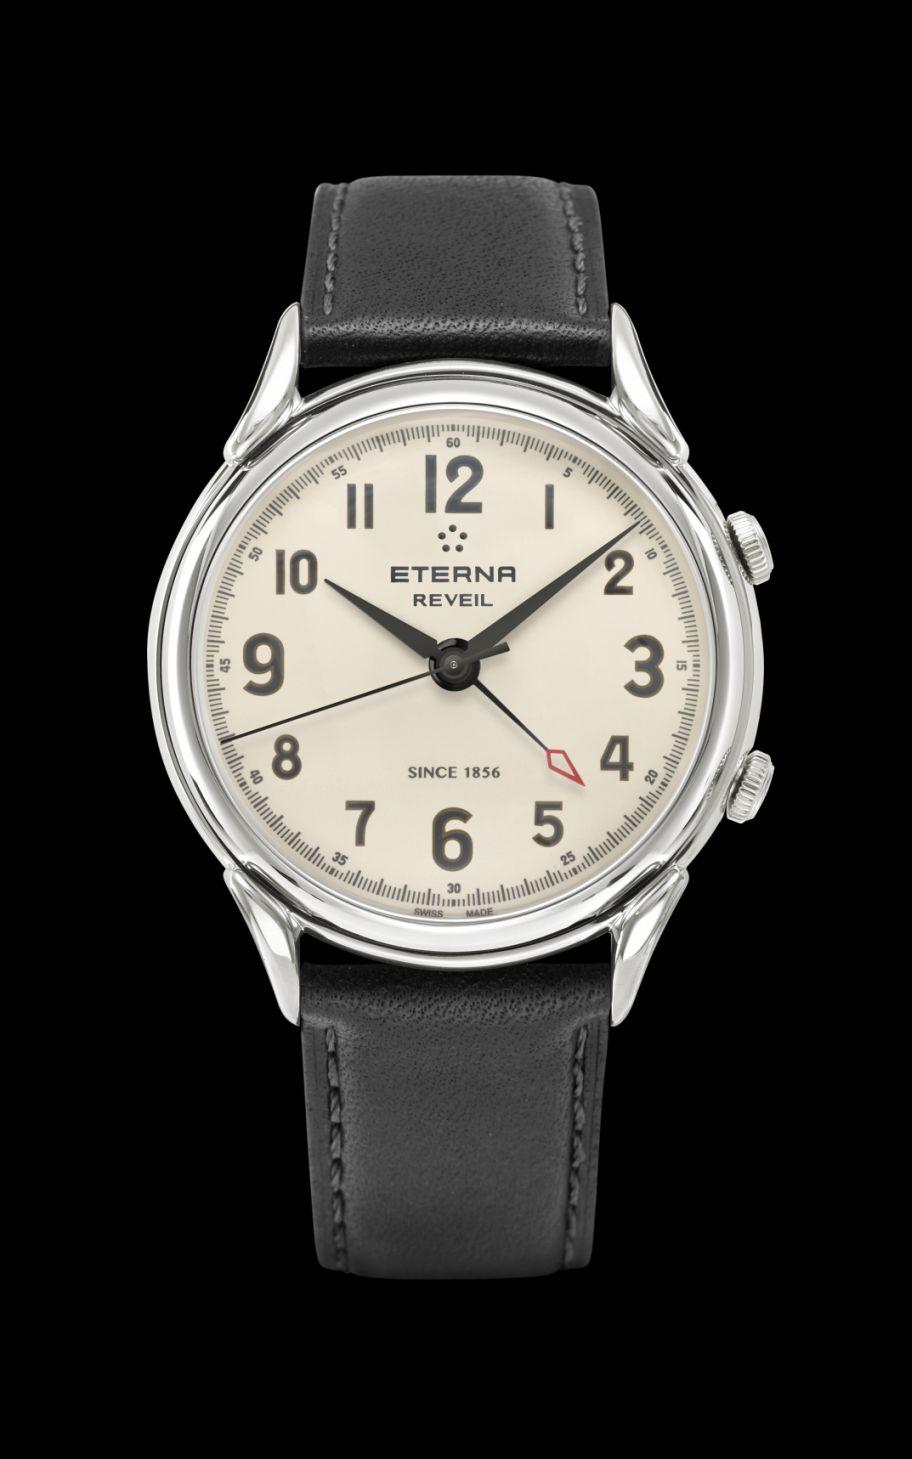 Eterna-1948-Reveil-Heritage-2.jpg